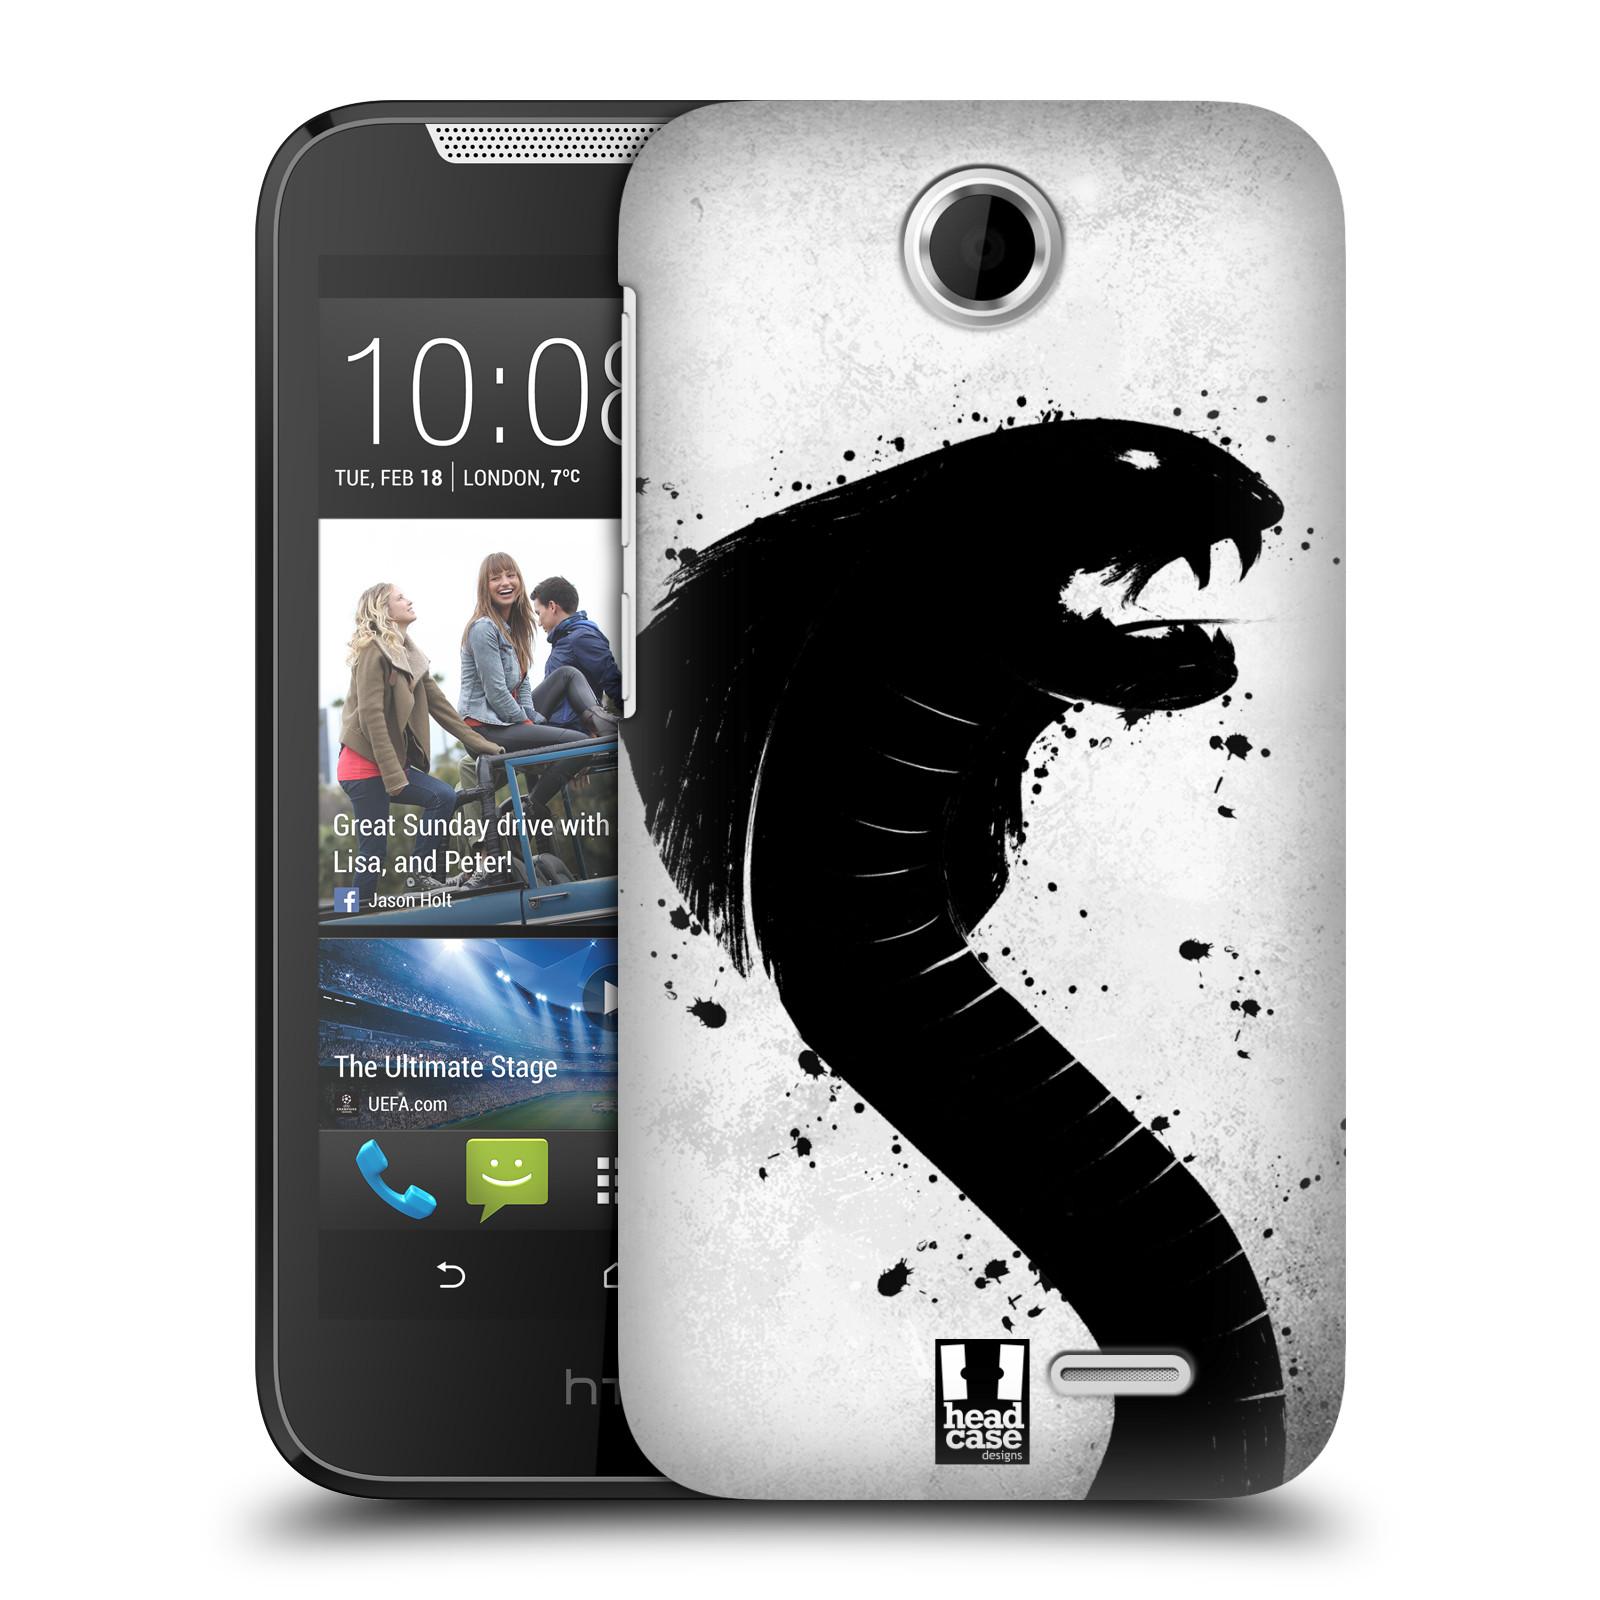 HEAD CASE plastový obal na mobil HTC Desire 310 vzor Kresba tuš zvíře had kobra